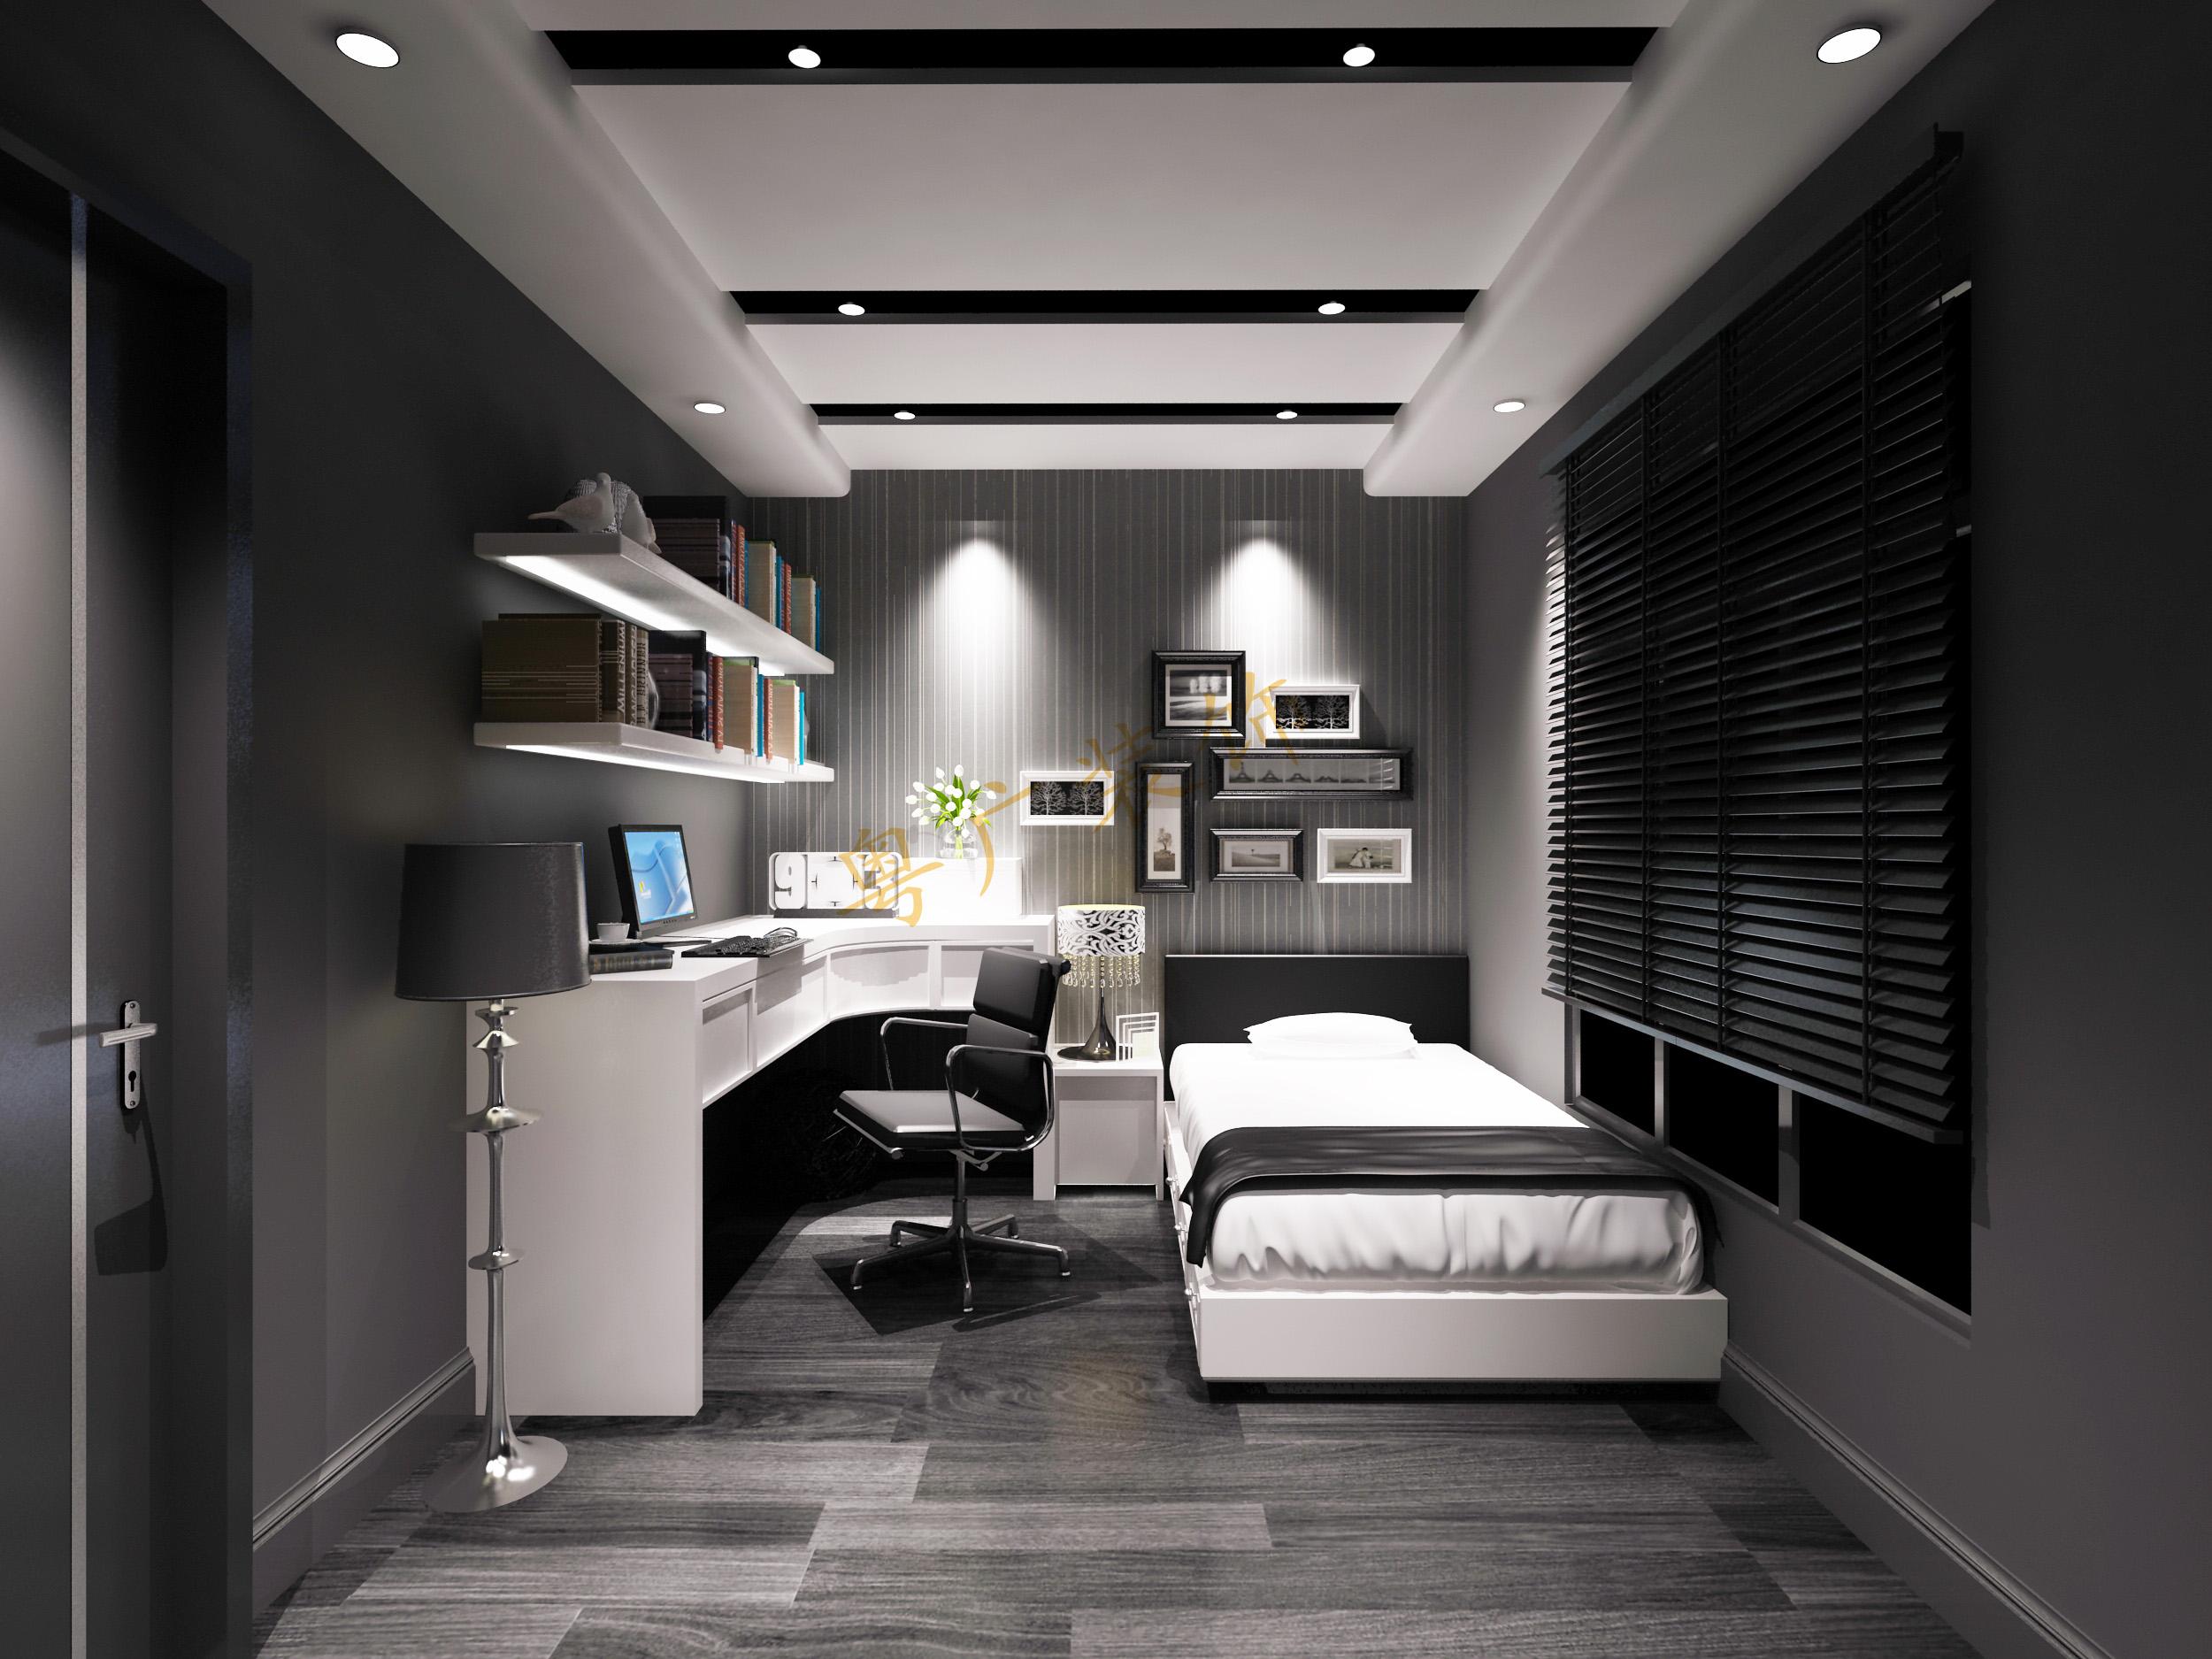 现代风格黑白灰装修效果图